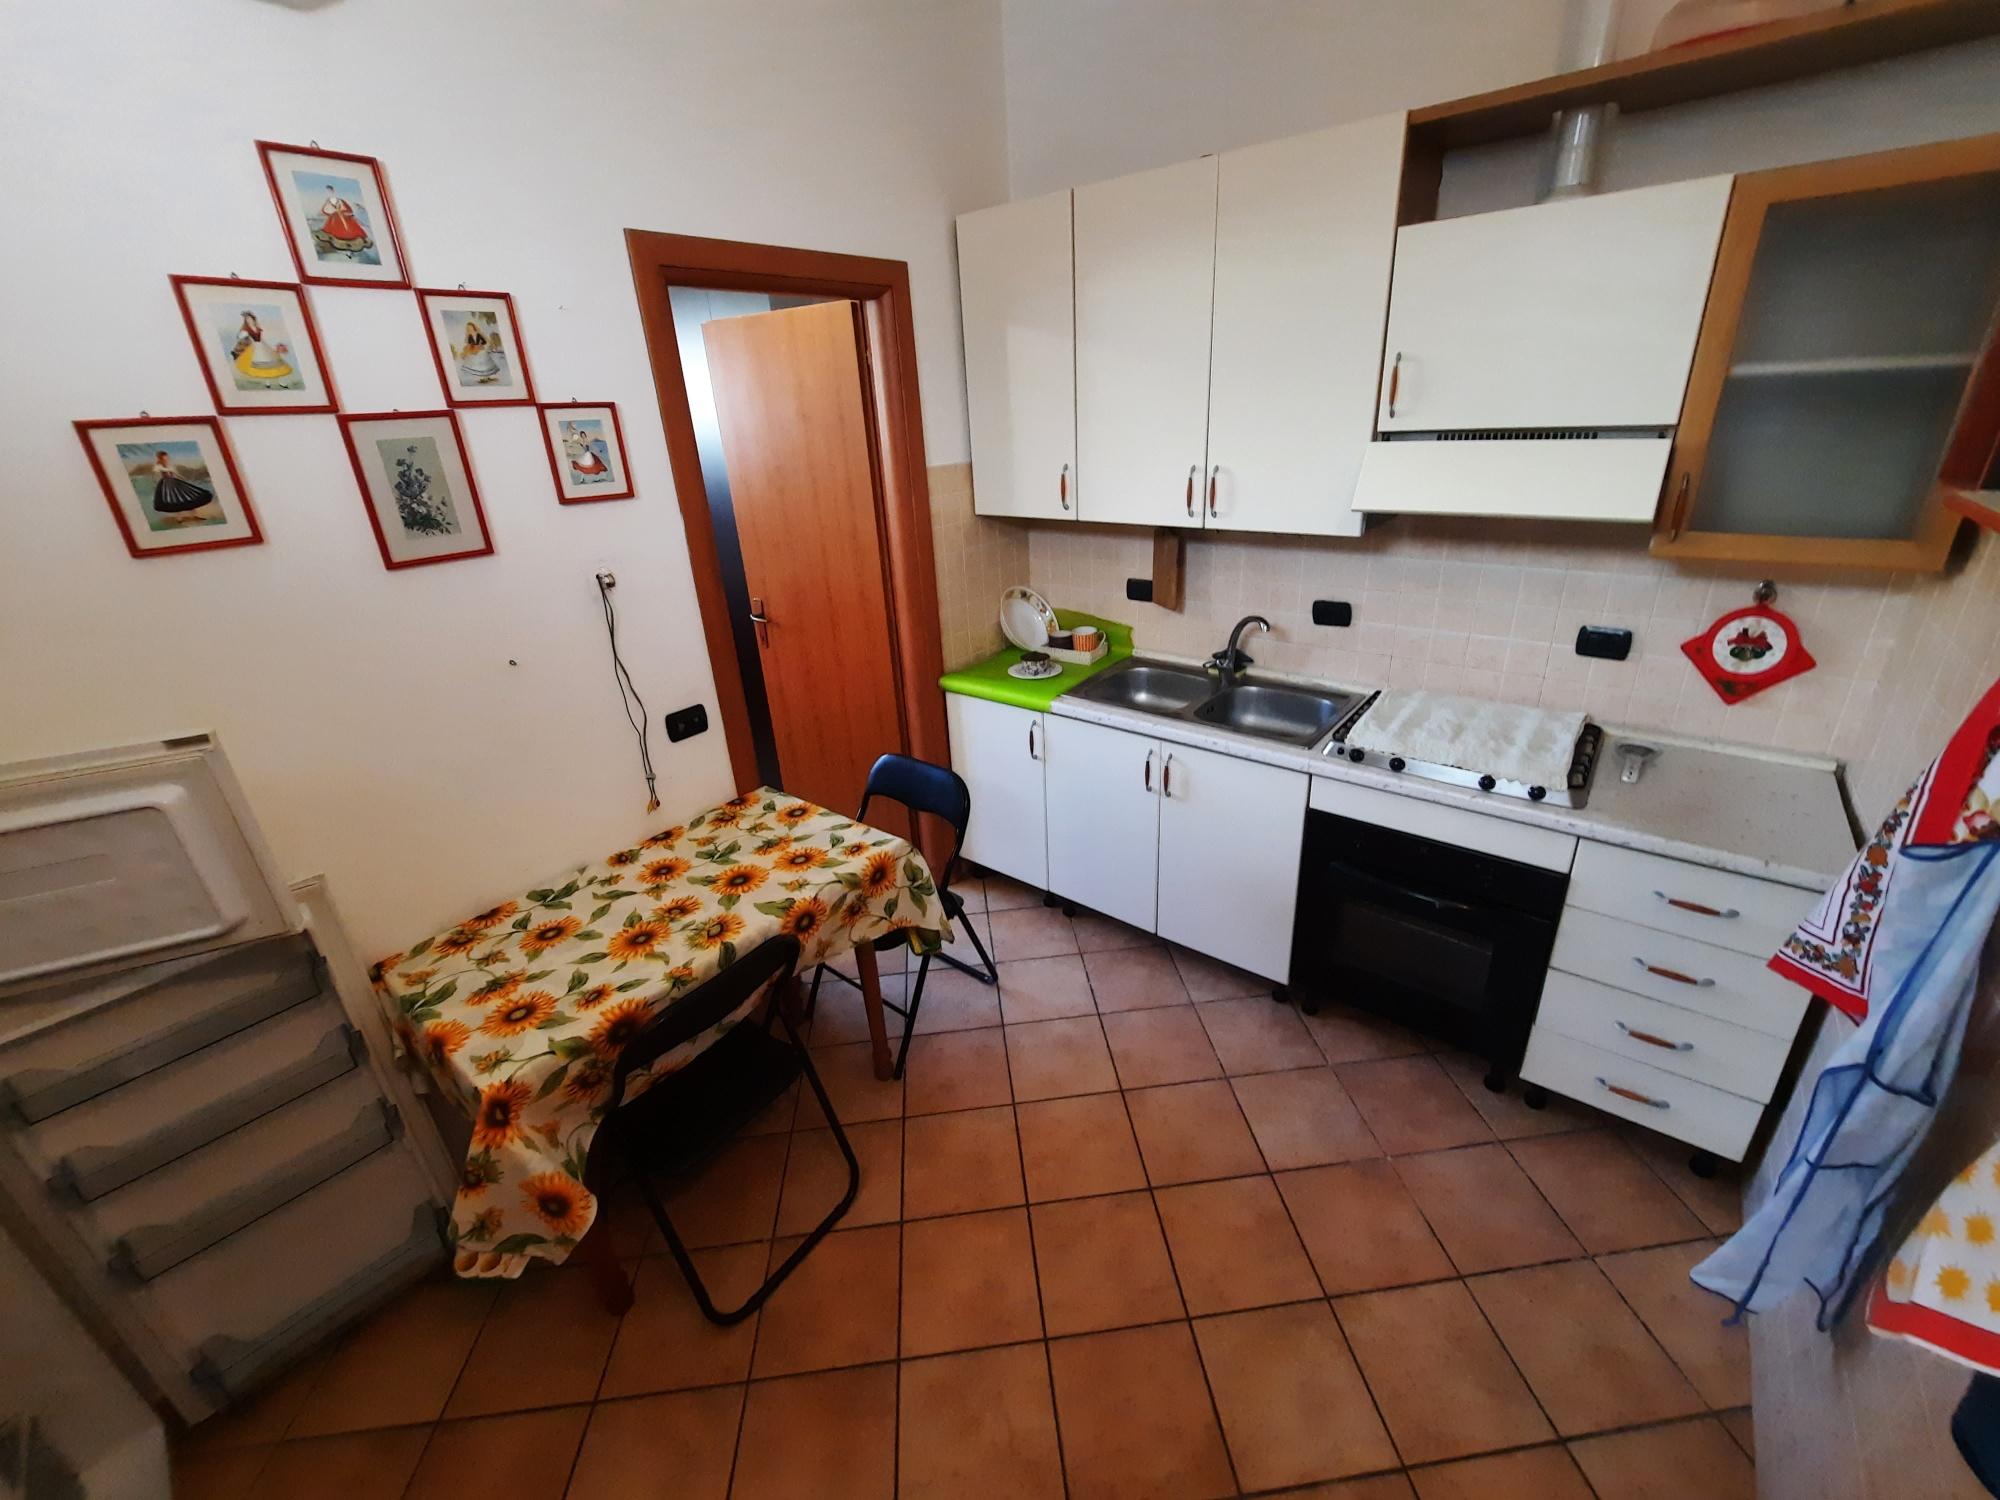 Appartamento di due locali in vendita a Magnago